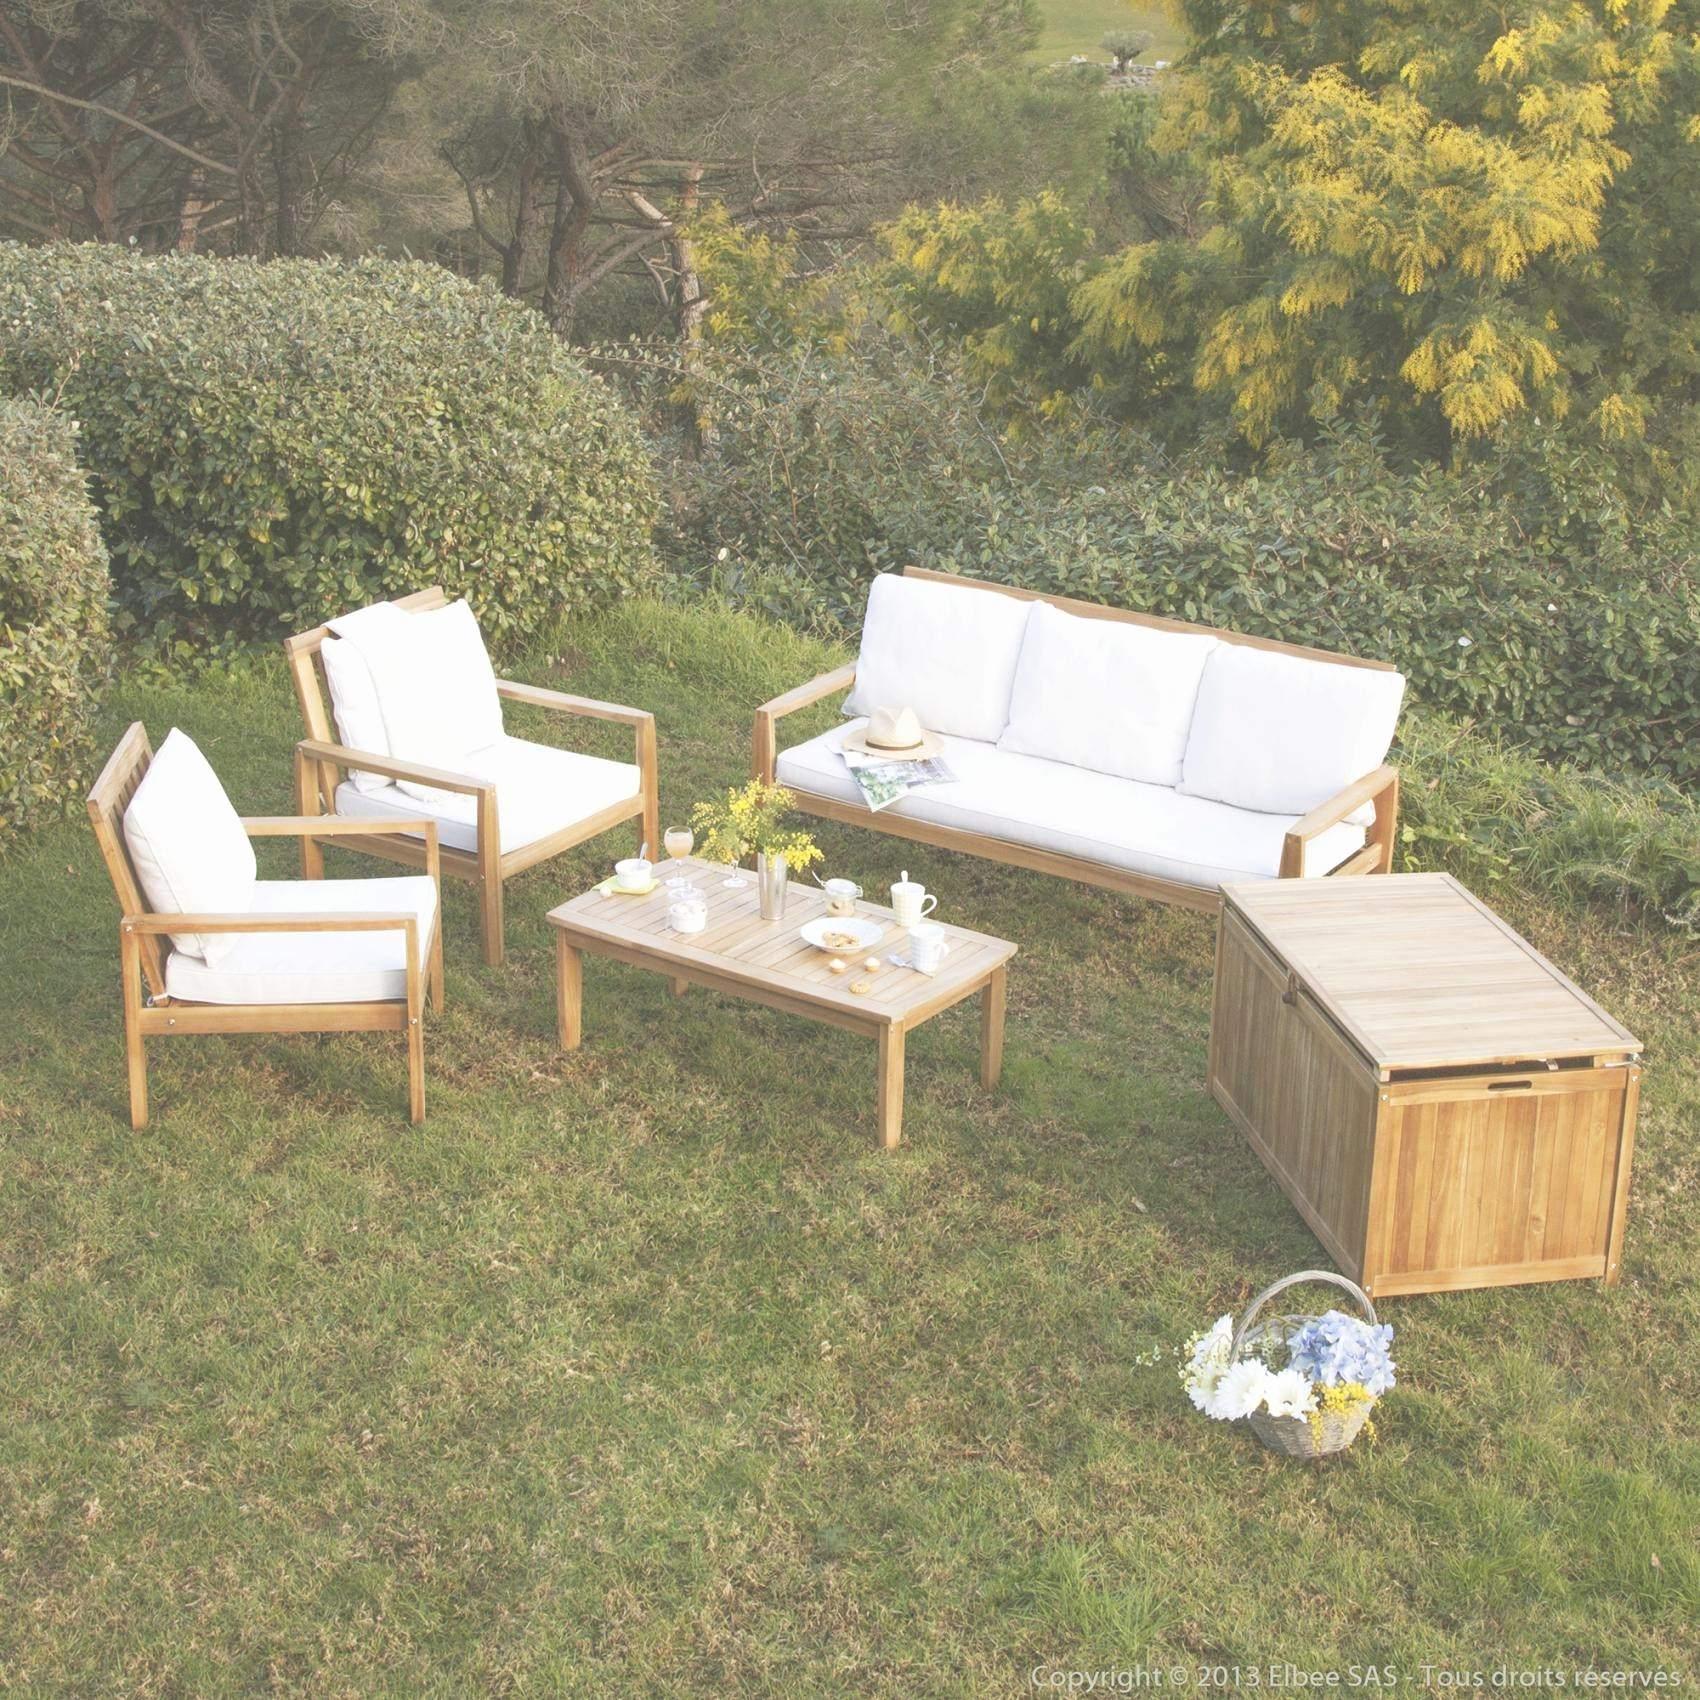 Salon De Jardin Mr Bricolage Belgique - Mailleraye.fr Jardin pour Salon De Jardin Mr Bricolage Maroc